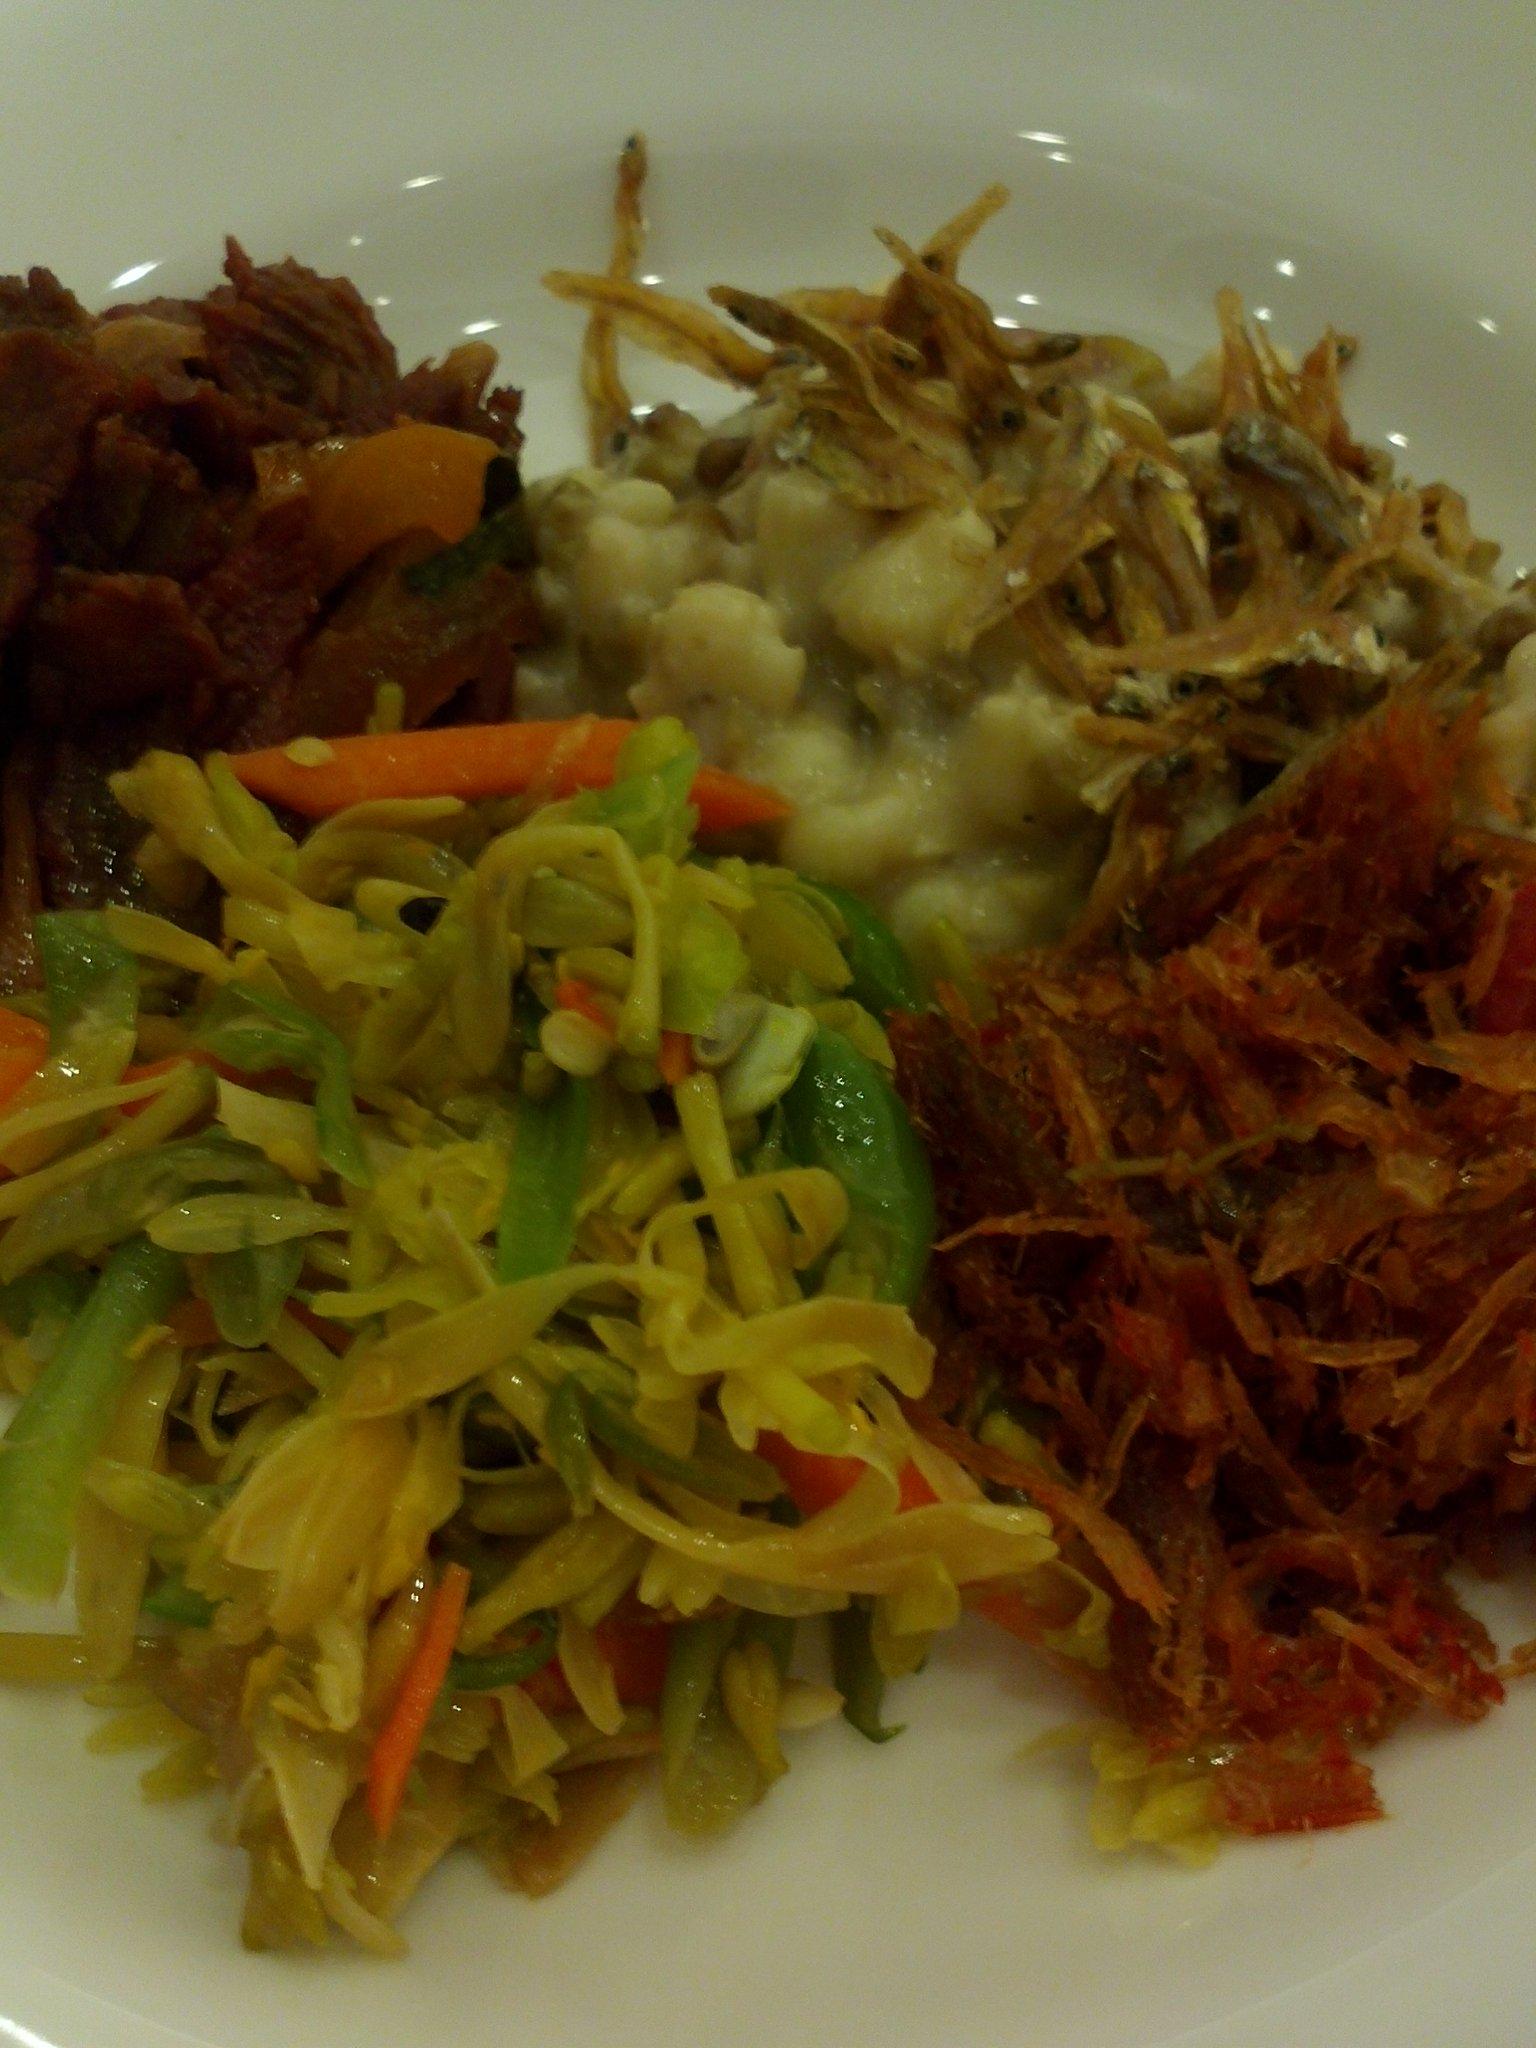 Makanan khas #flores Jagung Bose, Fuga Daging Sei, Sayur Rumpu Rampe. Terlihat lezat? Sangat lezat, bikin nagih! http://t.co/BcYwb7VA